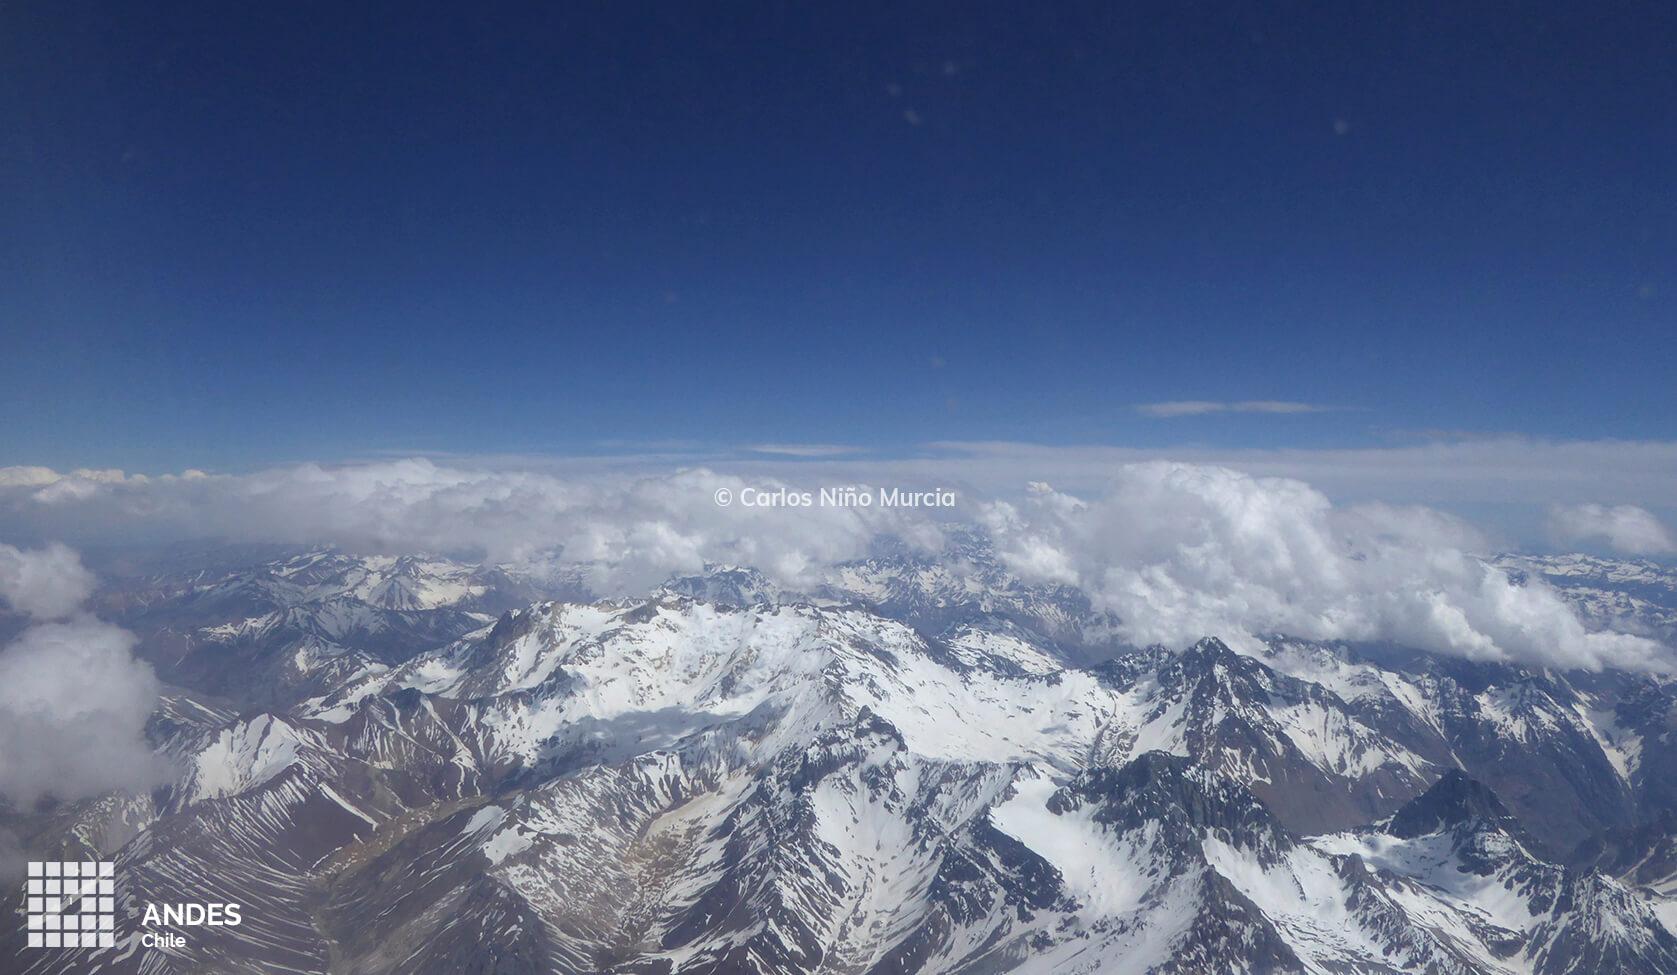 foto-varias-paisajes-3